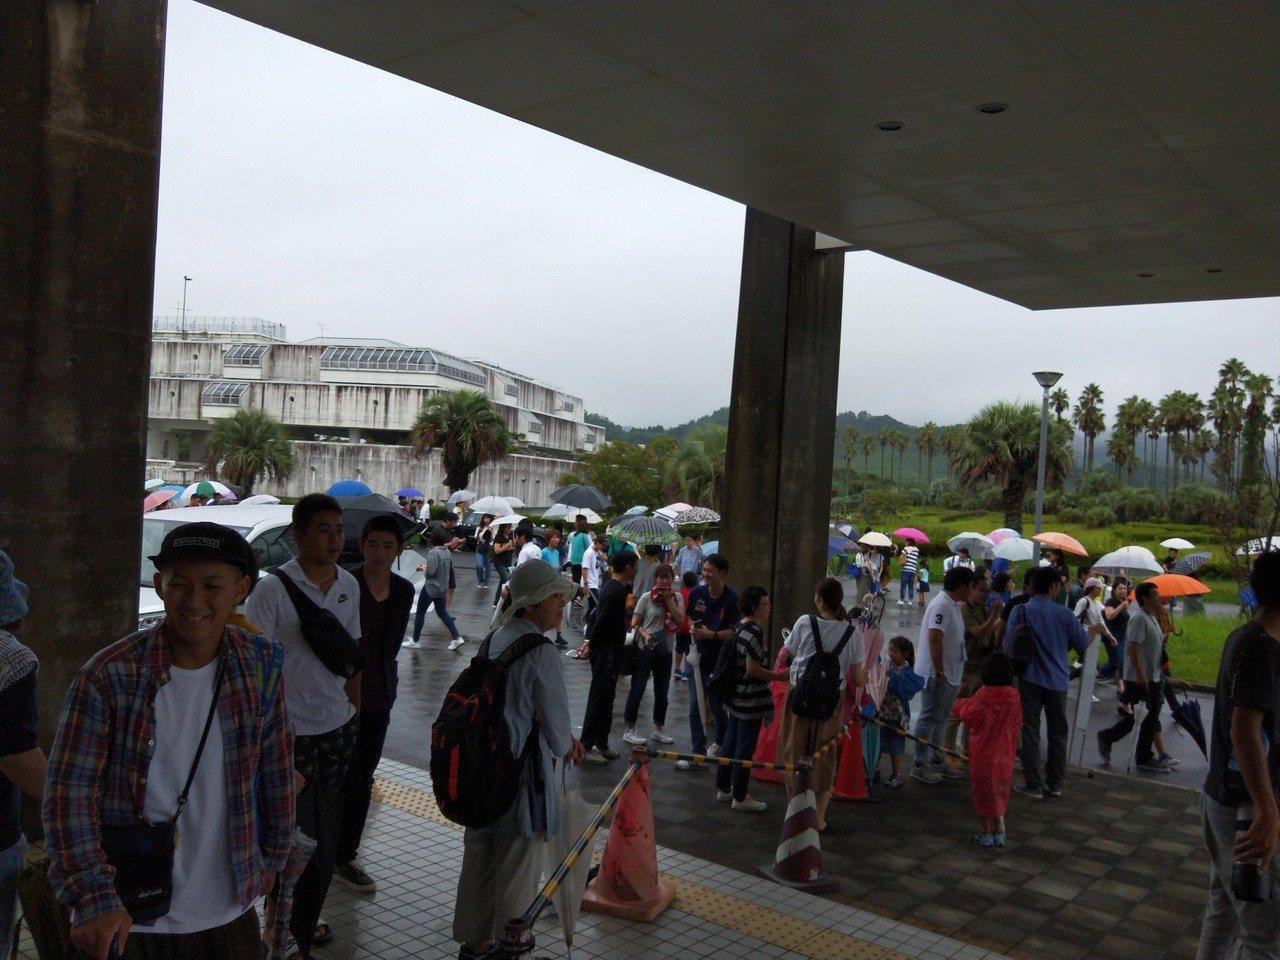 日本球迷相當熱情,在場外聚集等待球員。記者婁靖平/攝影